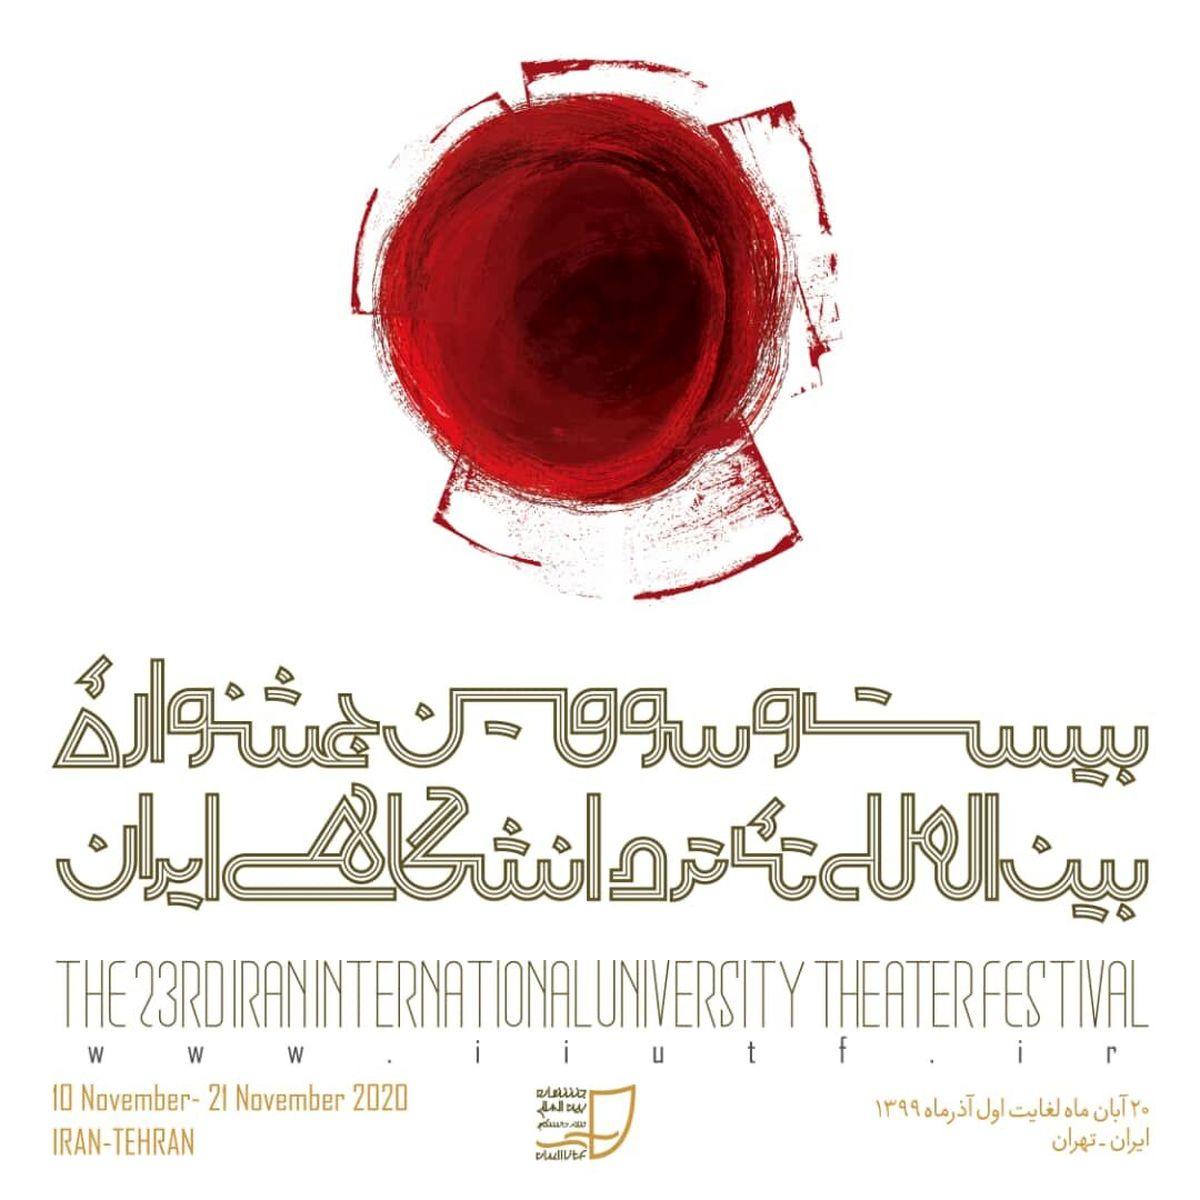 کاندیداهای بخش عکس و پوستر جشنواره تئاتر دانشگاهی معرفی شدند